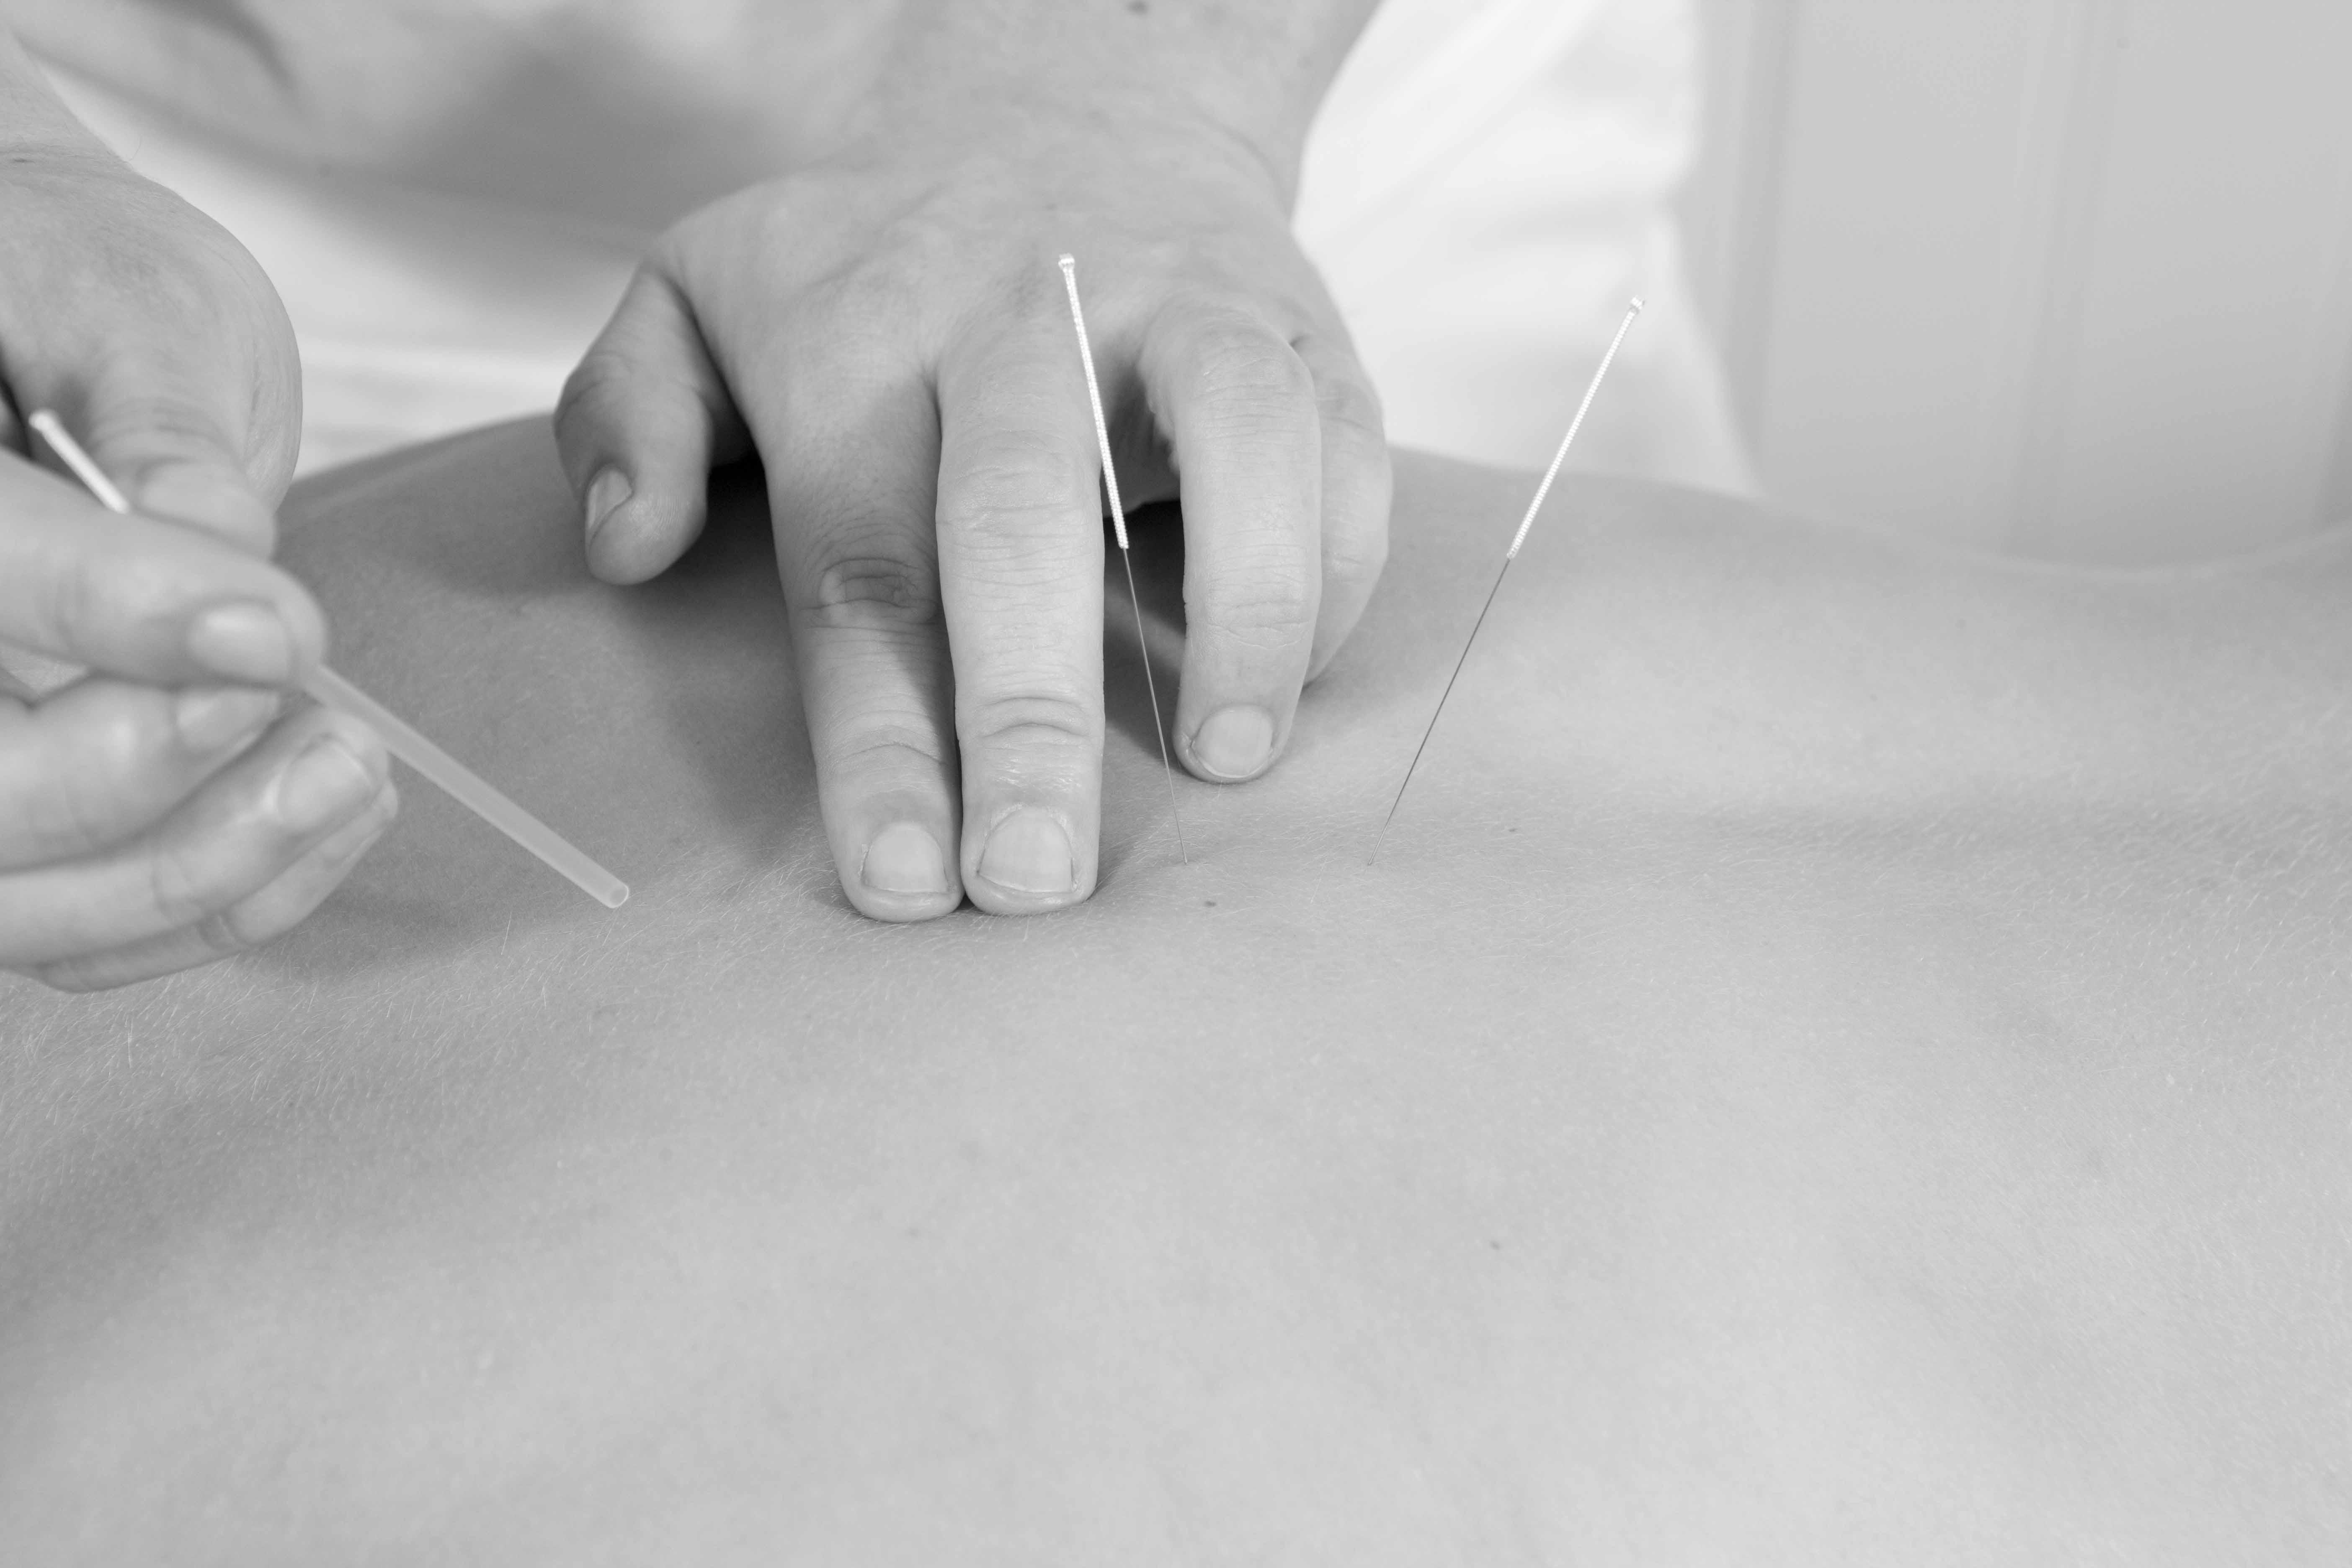 Nålebehandling behandlingsteknikker